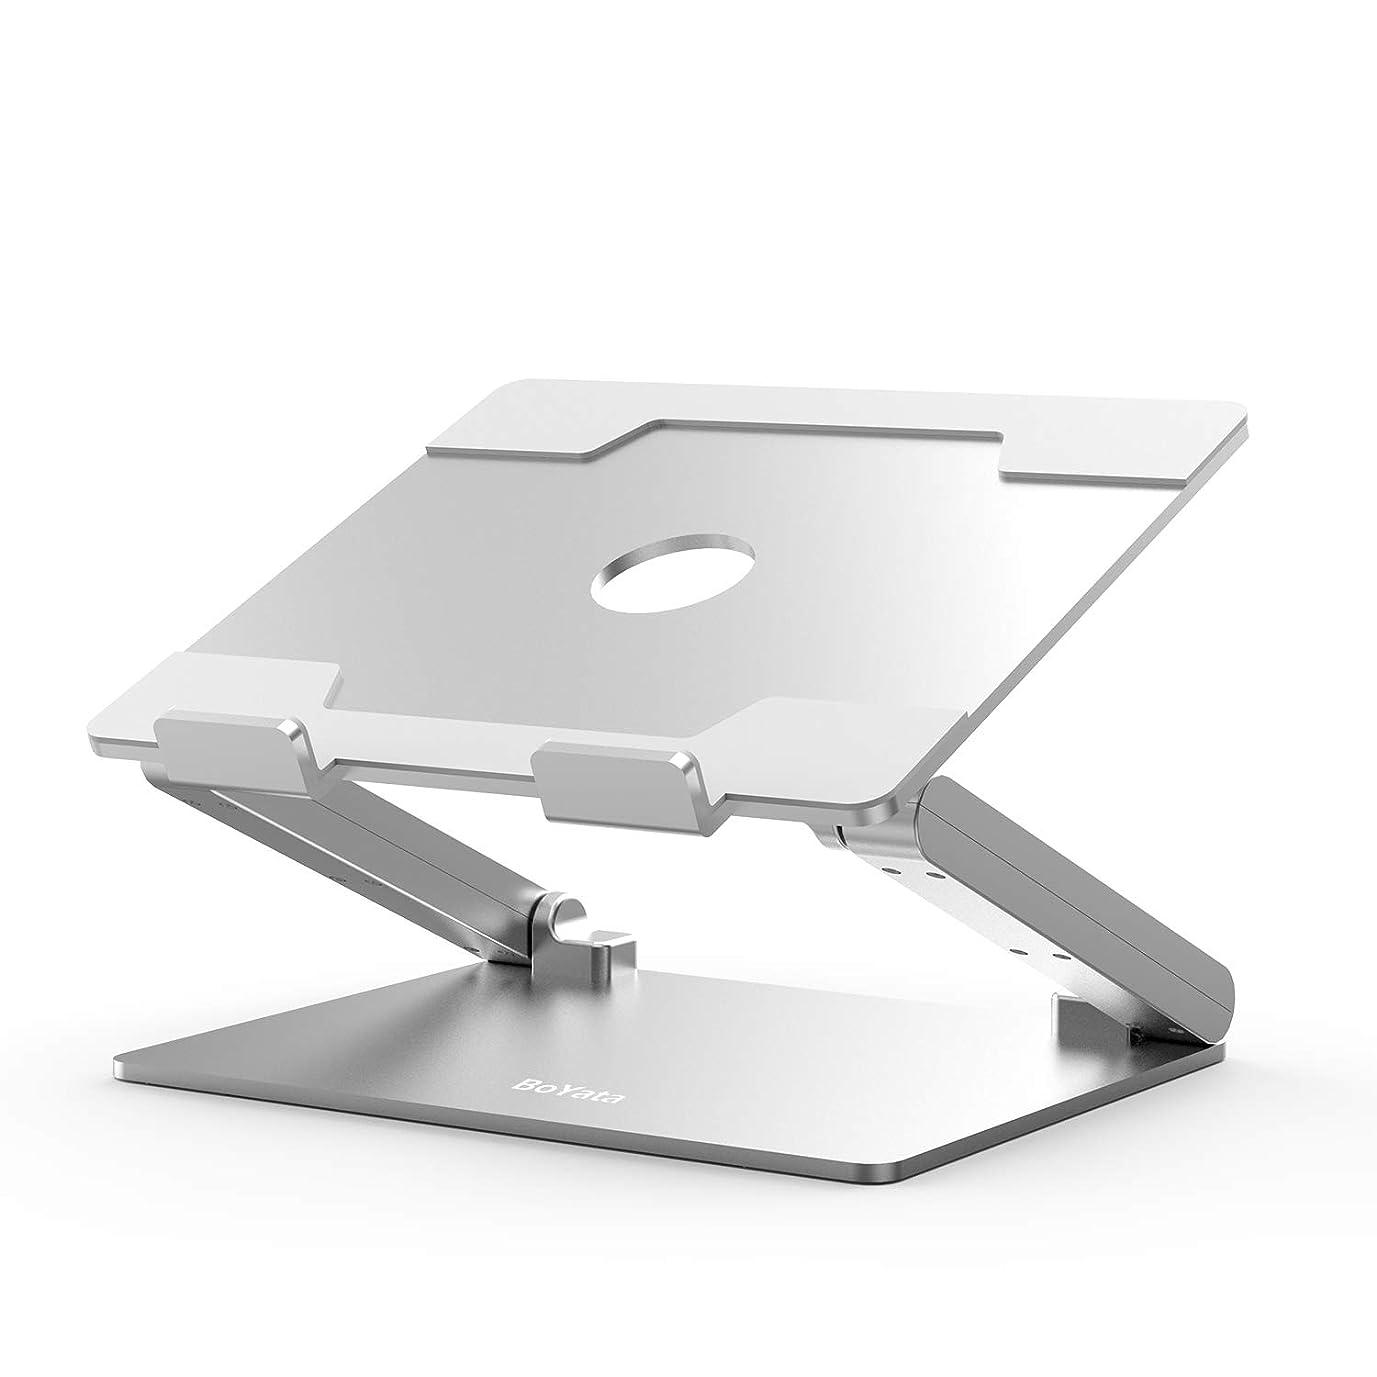 画像霜船外BoYata ノートパソコンスタンド パソコンスタンド パソコン台 折りたたみ式 ノートPCスタンド タブレットホルダー 高さ/角度調整可能 腰痛/猫背防止 滑り止め アルミニウム製 ホルダー 冷却穴付き Macbook Air/Macbook Pro/iPad Pro and Notebooks等に最適 14インチ以上に対応可(BST-05)